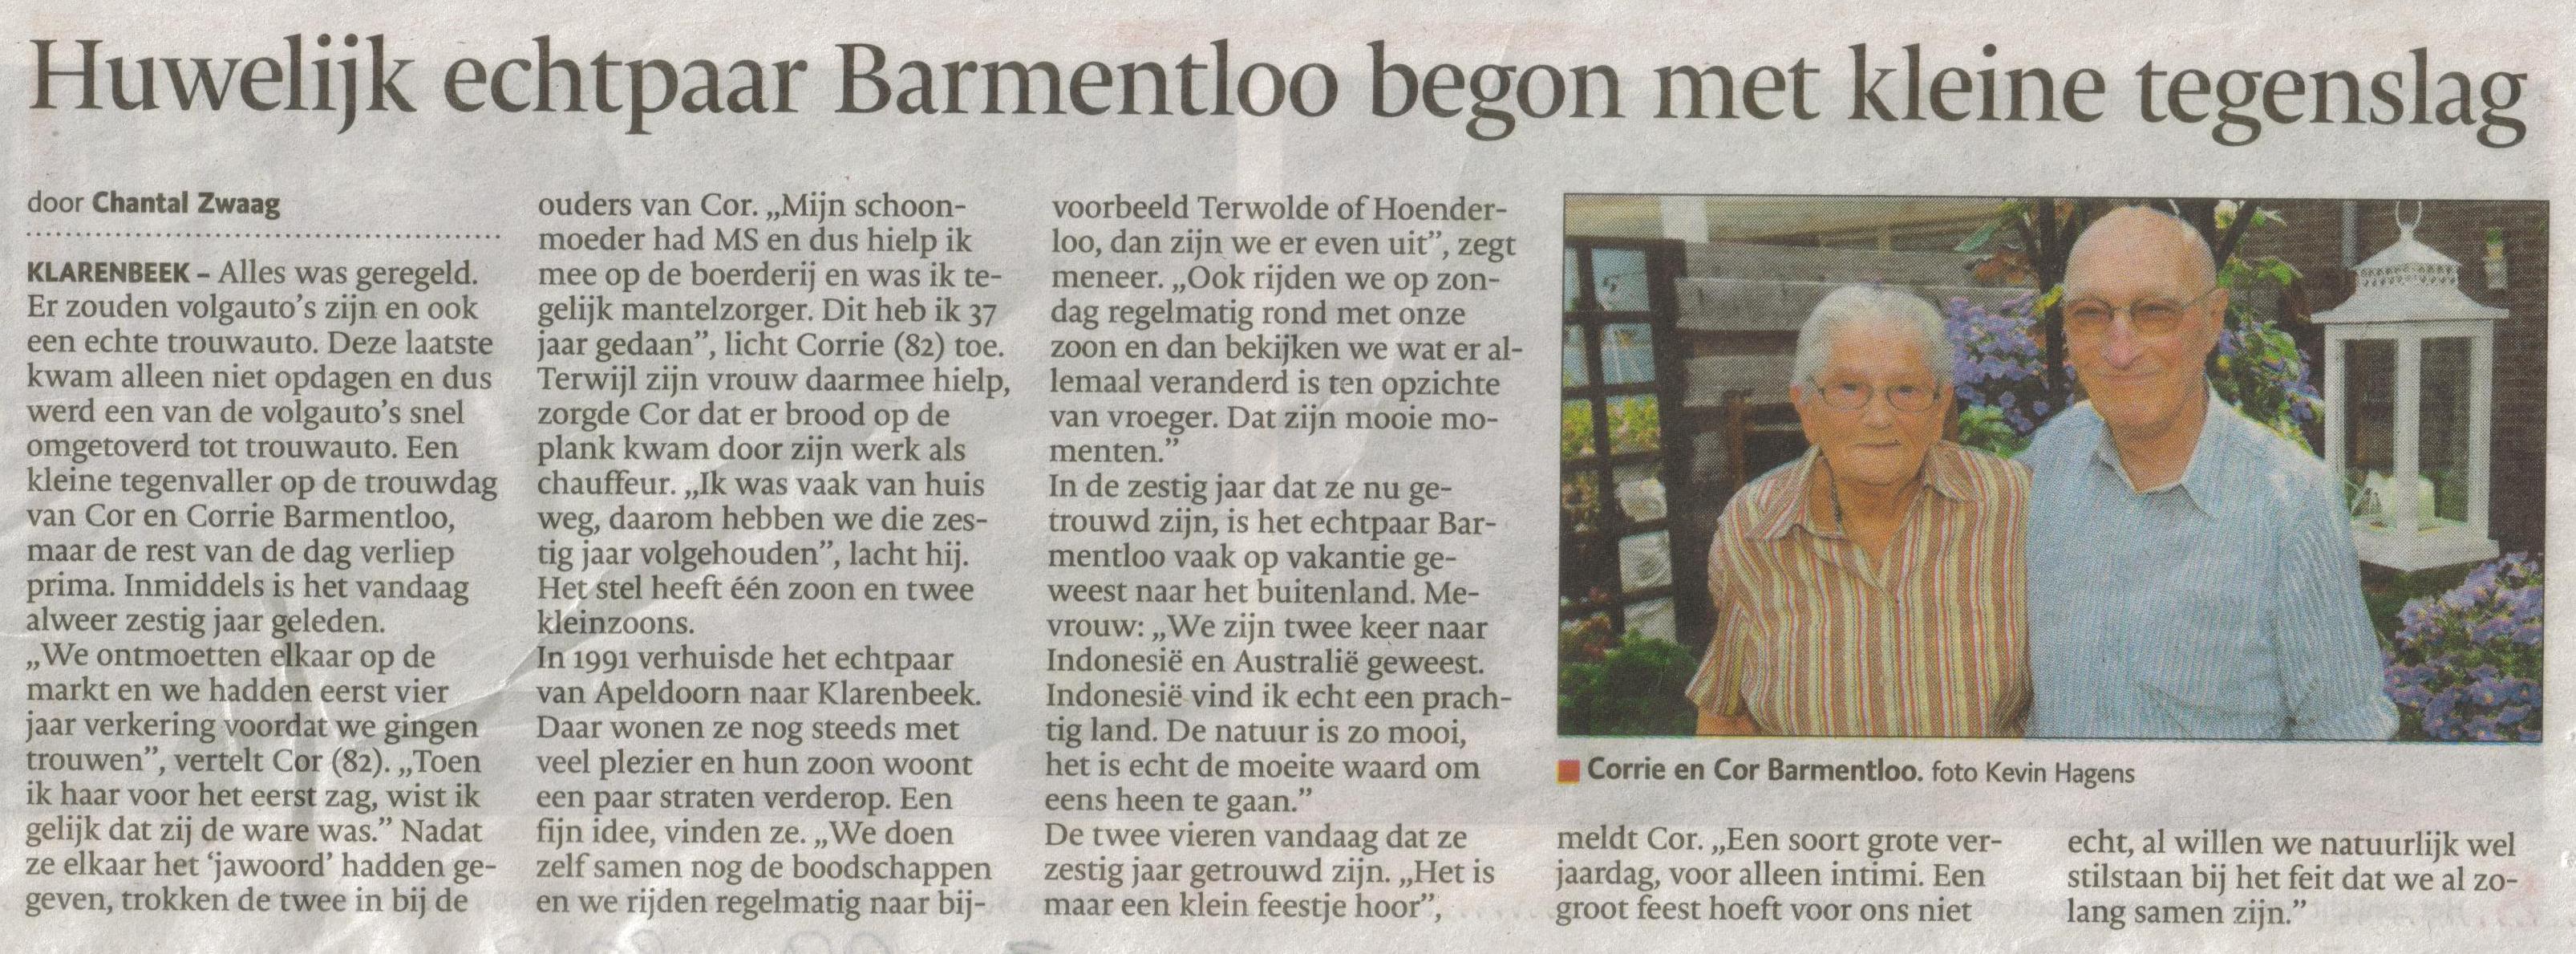 Bron: De Stentor Apeldoorn 3 september 2013